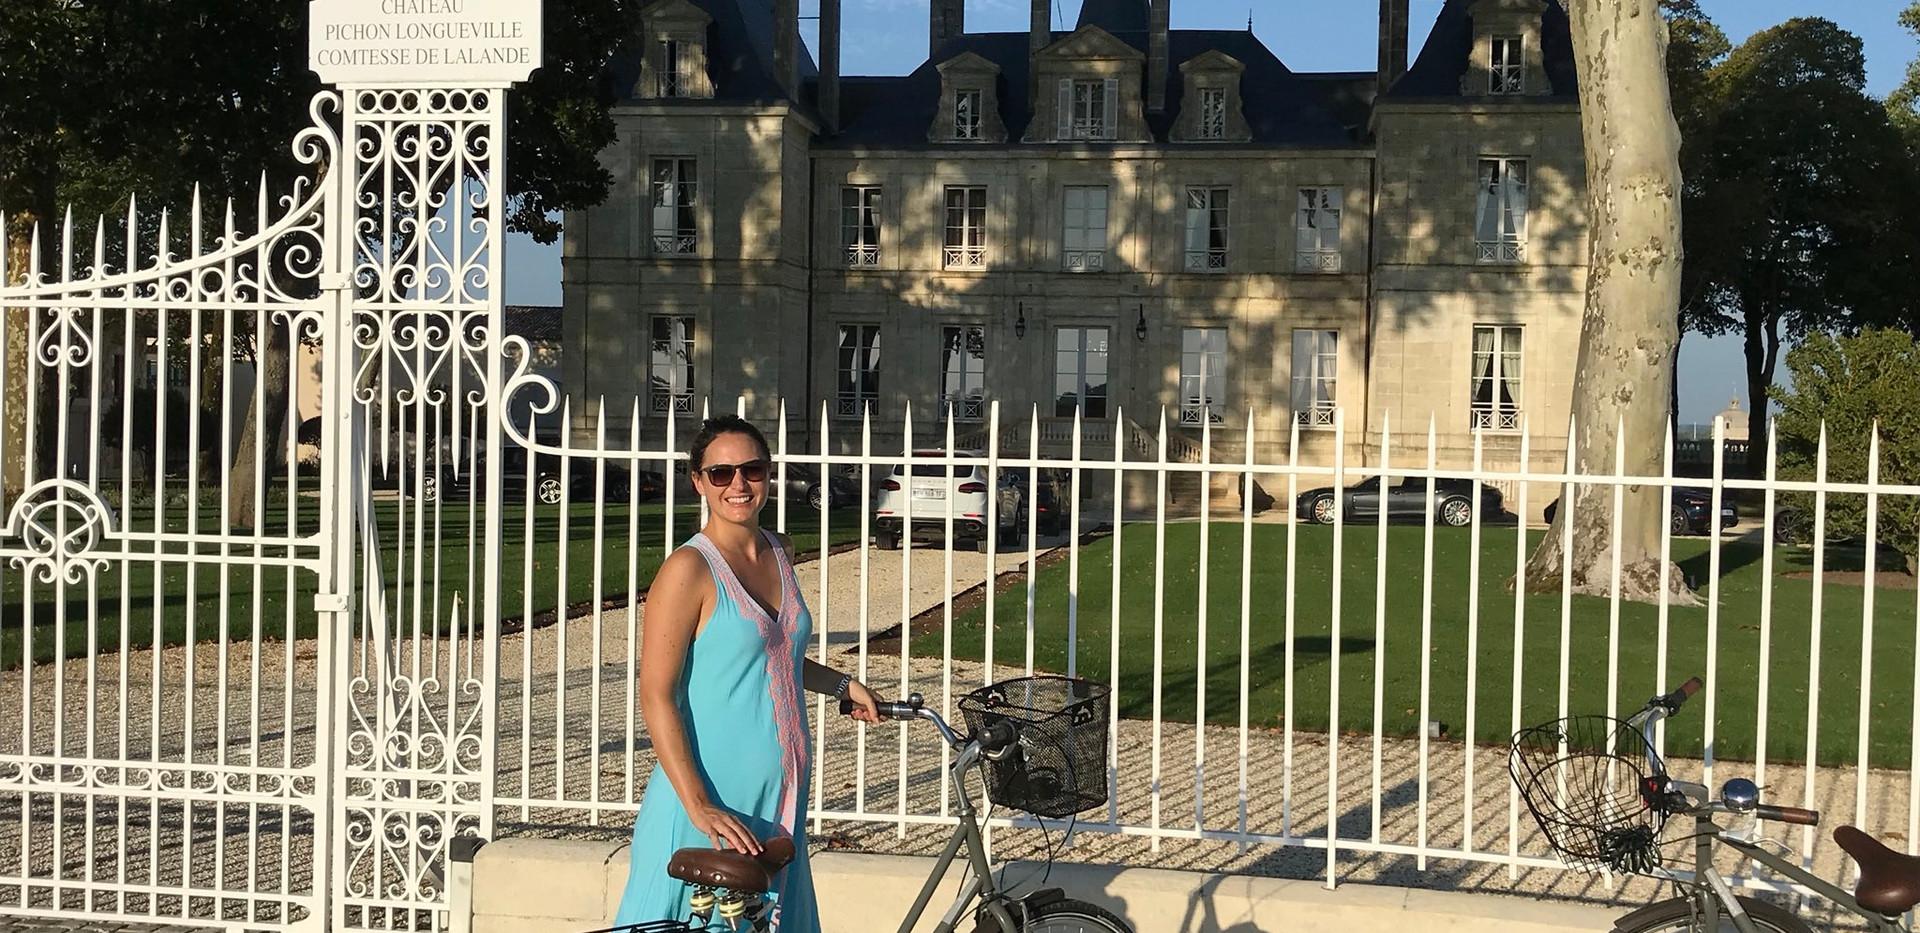 Chateau Pichon Comtesse - Cycling